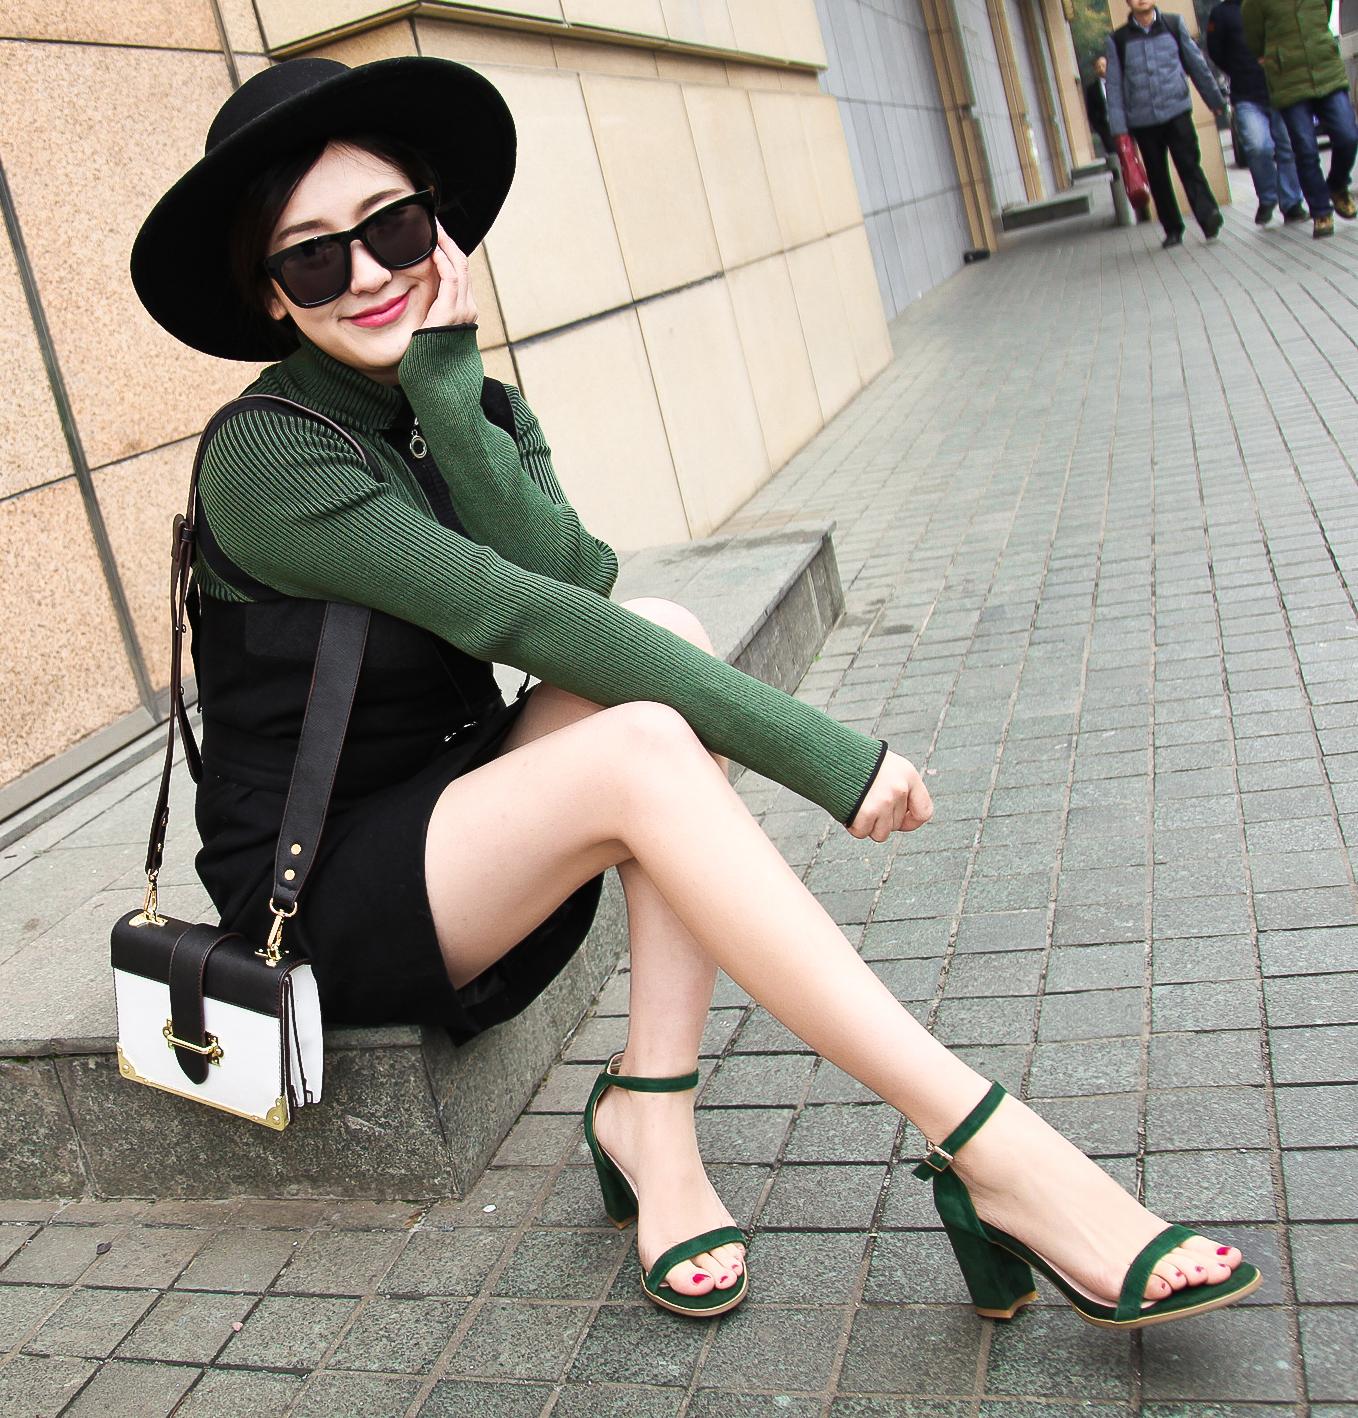 绿色鱼嘴鞋 韩版女凉鞋粗跟高跟鞋棕色墨绿色性感羊皮一字扣带显腿长露趾搭扣_推荐淘宝好看的绿色鱼嘴鞋